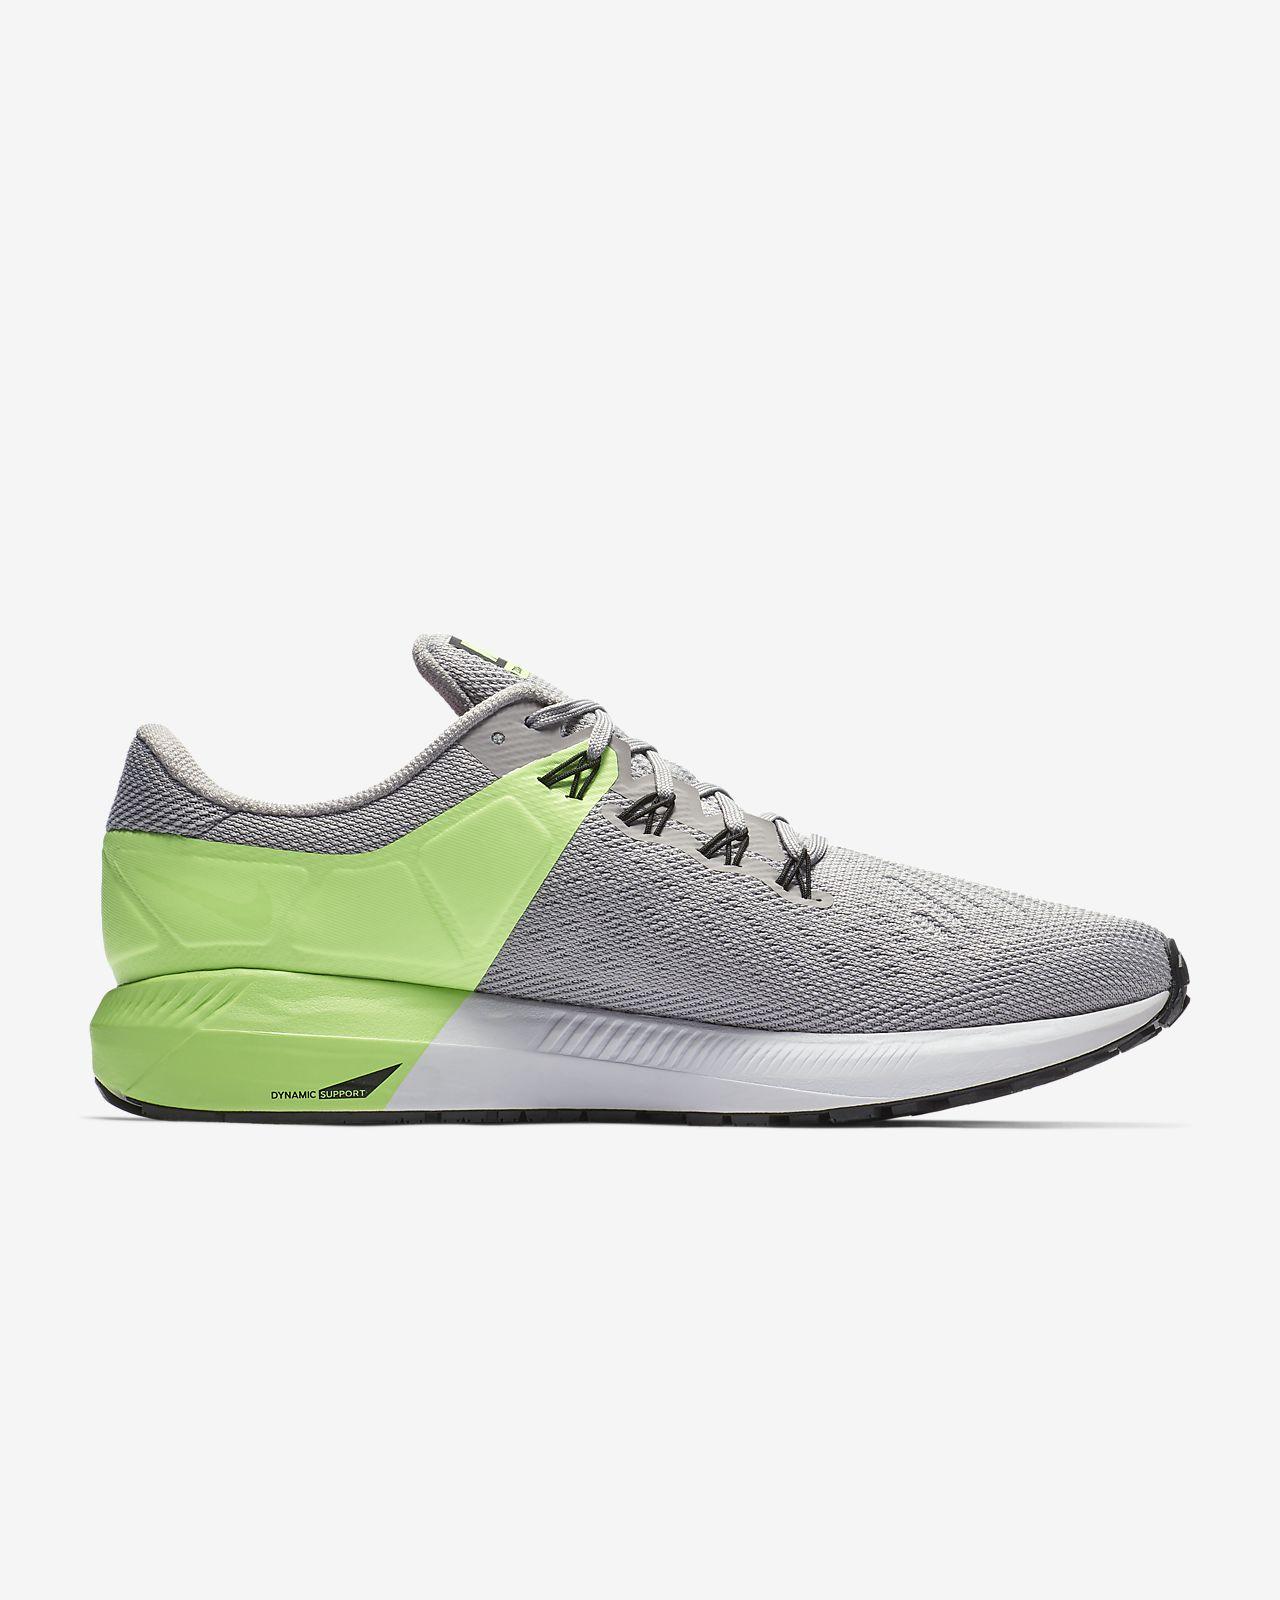 3909dd2ed16 Nike Air Zoom Structure 22 Zapatillas de running - Hombre. Nike.com ES